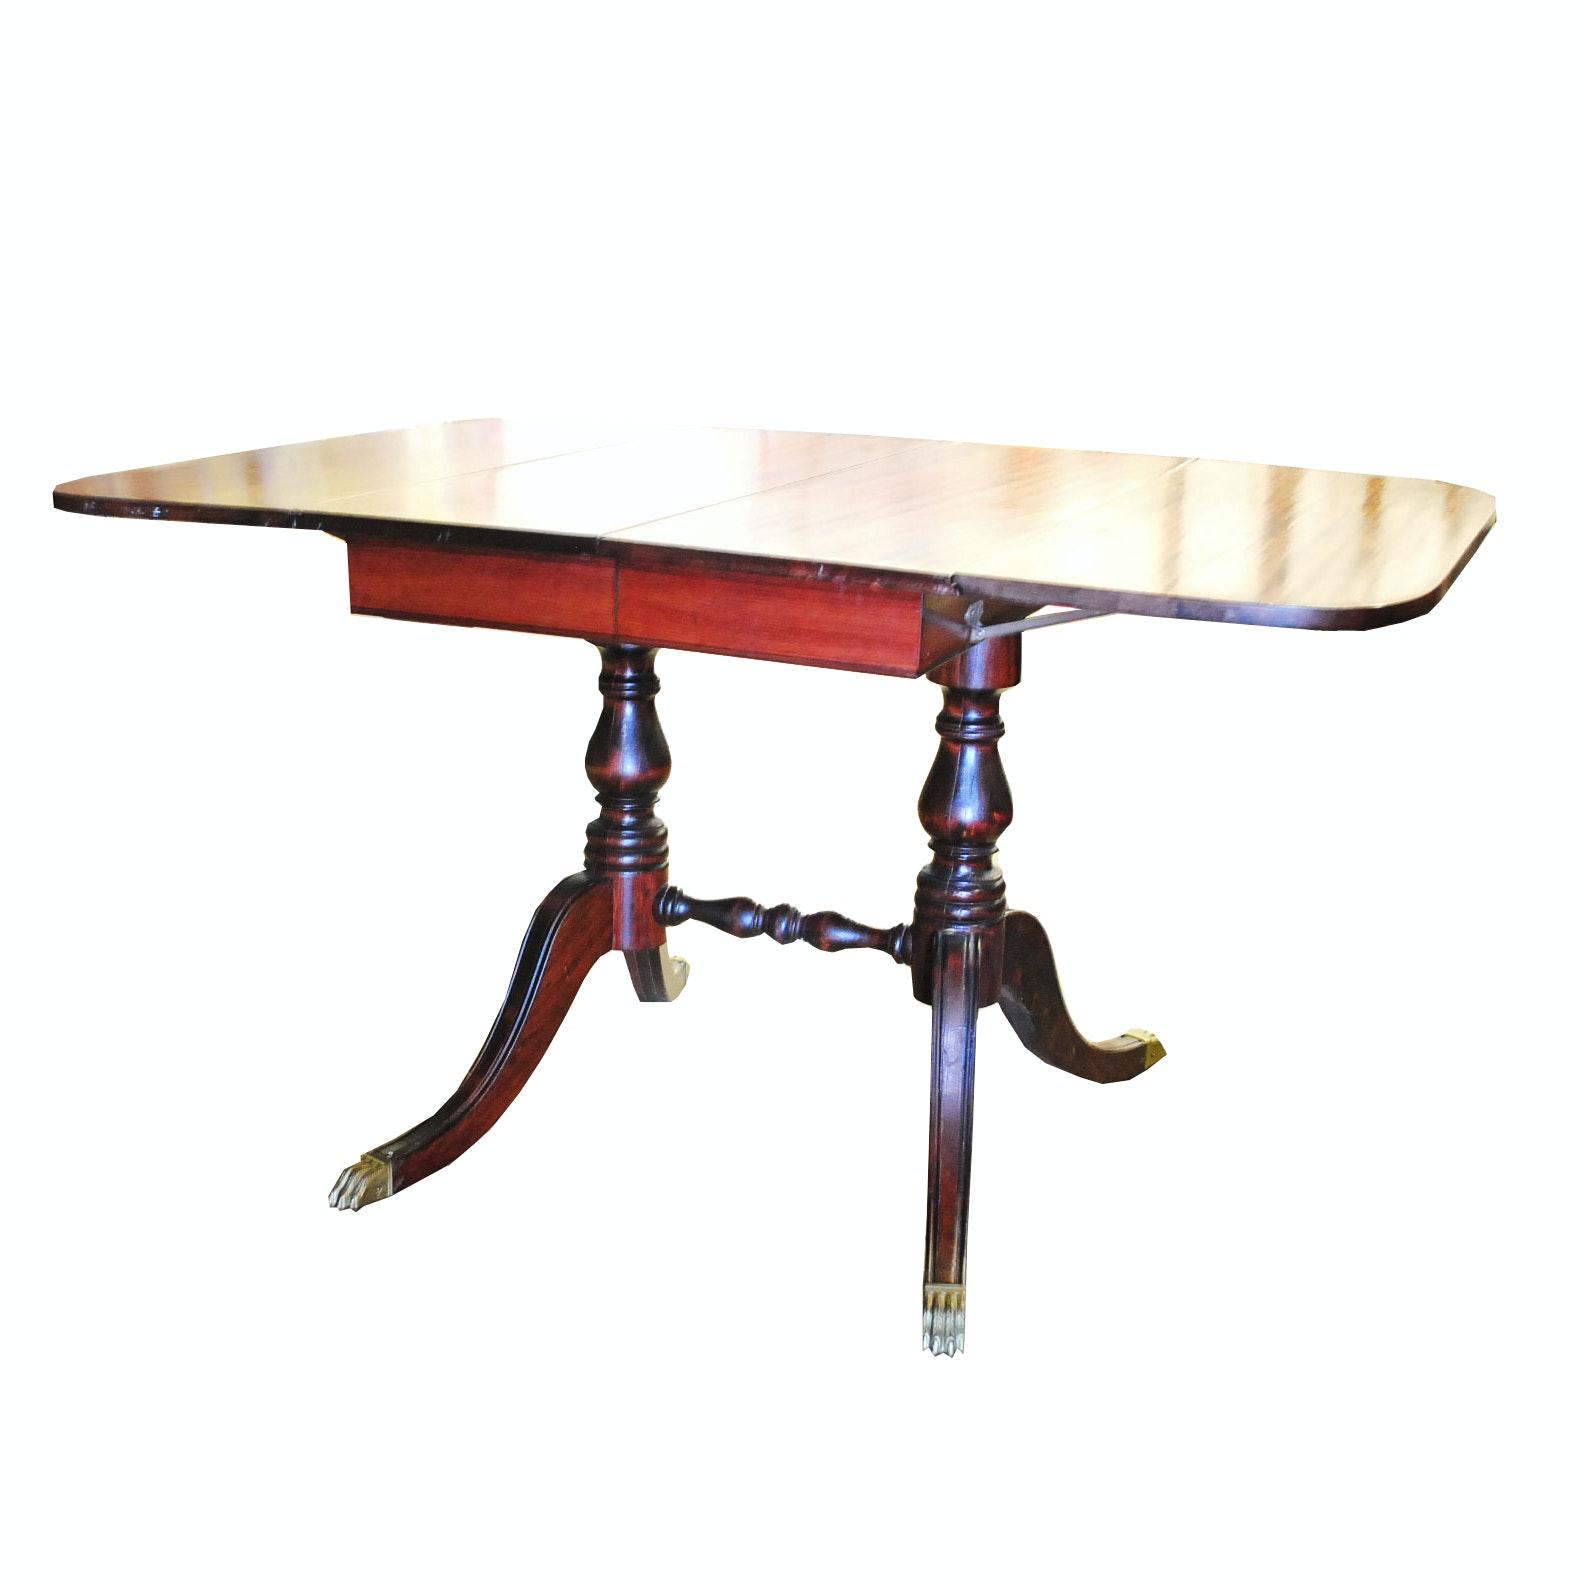 Mahogany Regency Style Dining Room Table